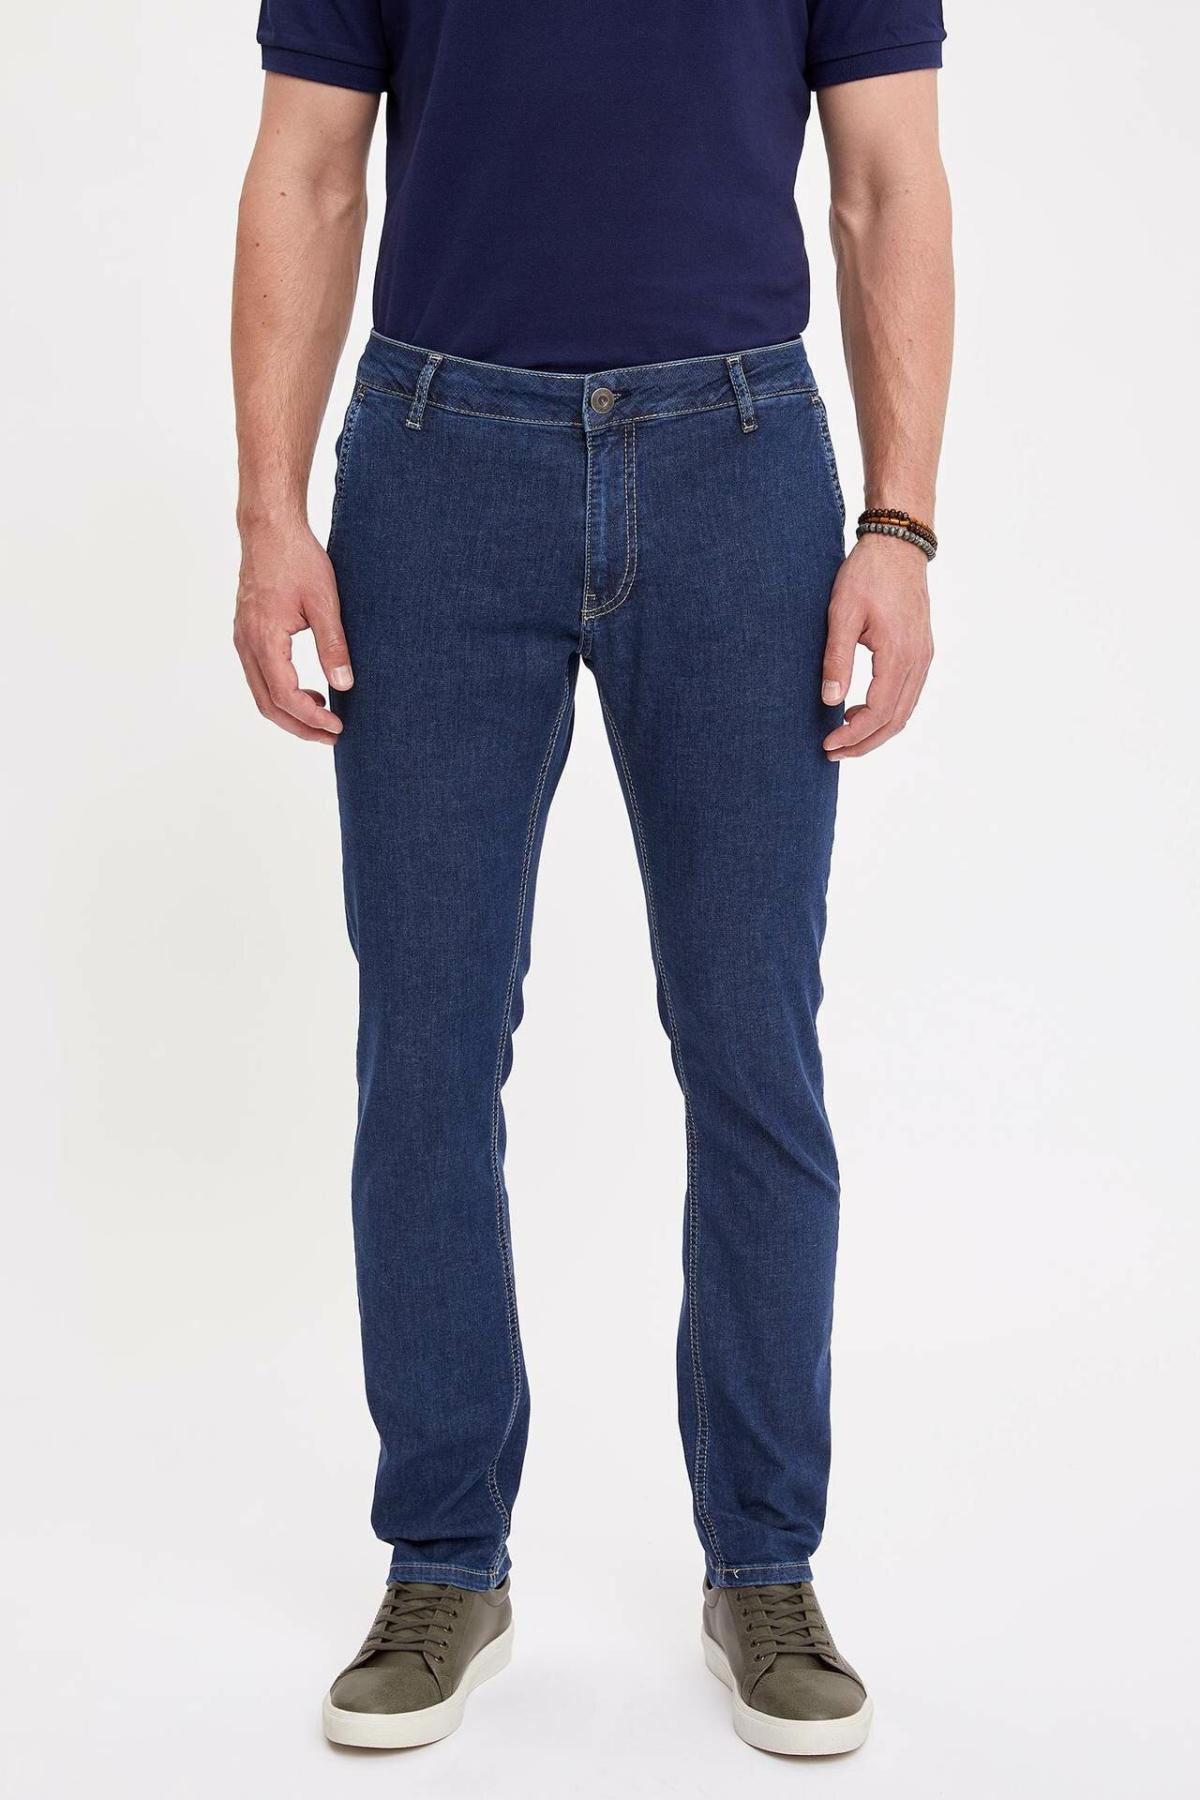 DeFacto Man Trousers-K9195AZ19SM